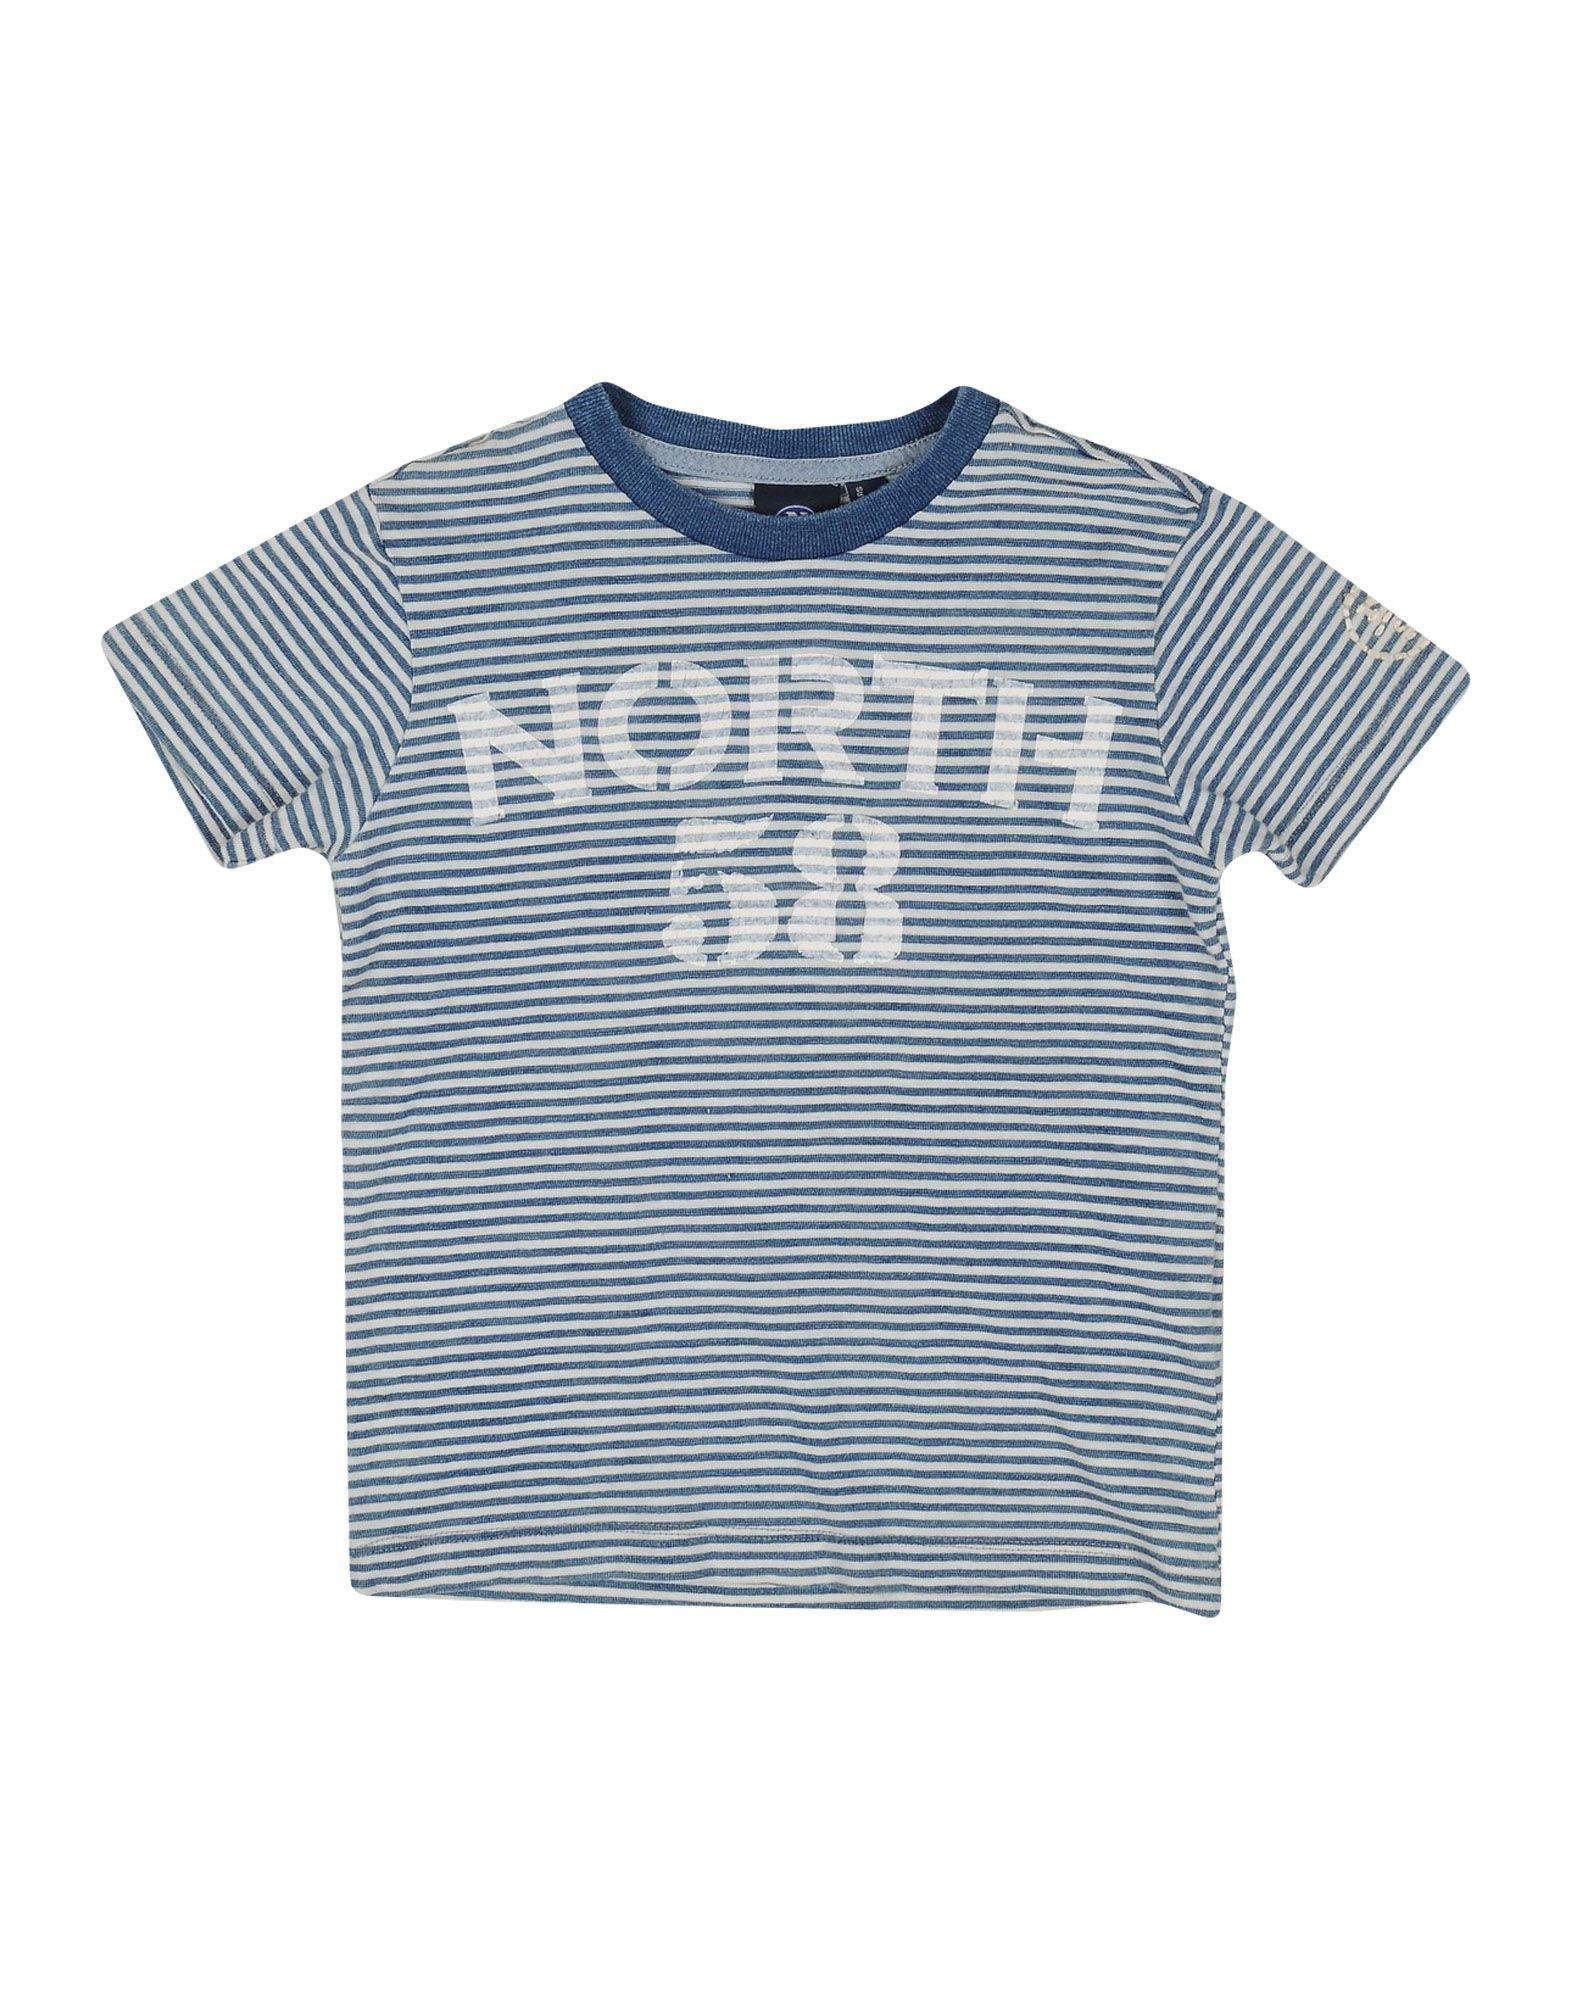 NORTH SAILS Jungen 3-8 jahre T-shirts Farbe Blaugrau Größe 2